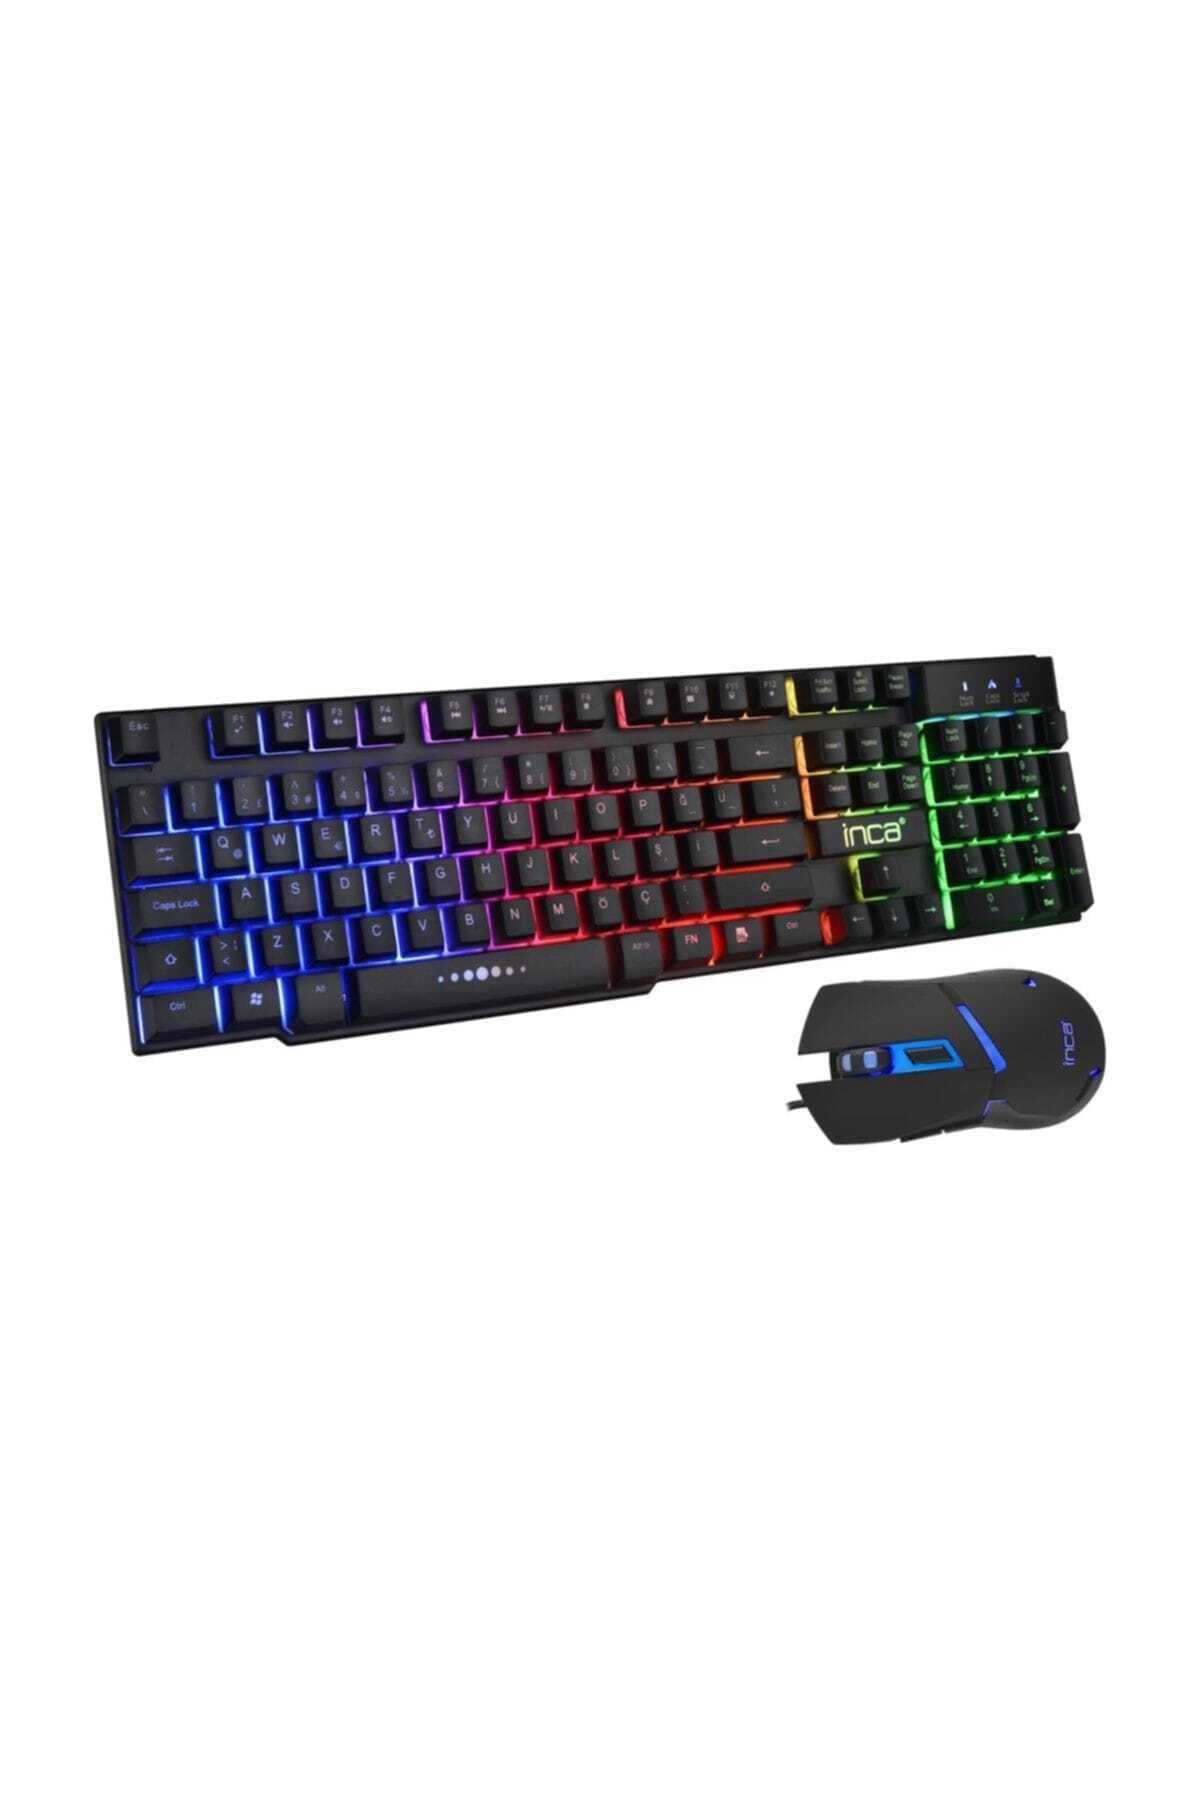 Ikg-448 Gökkuşağı Efect Mekanik Hisli Gaming Klavye ve Mouse Set